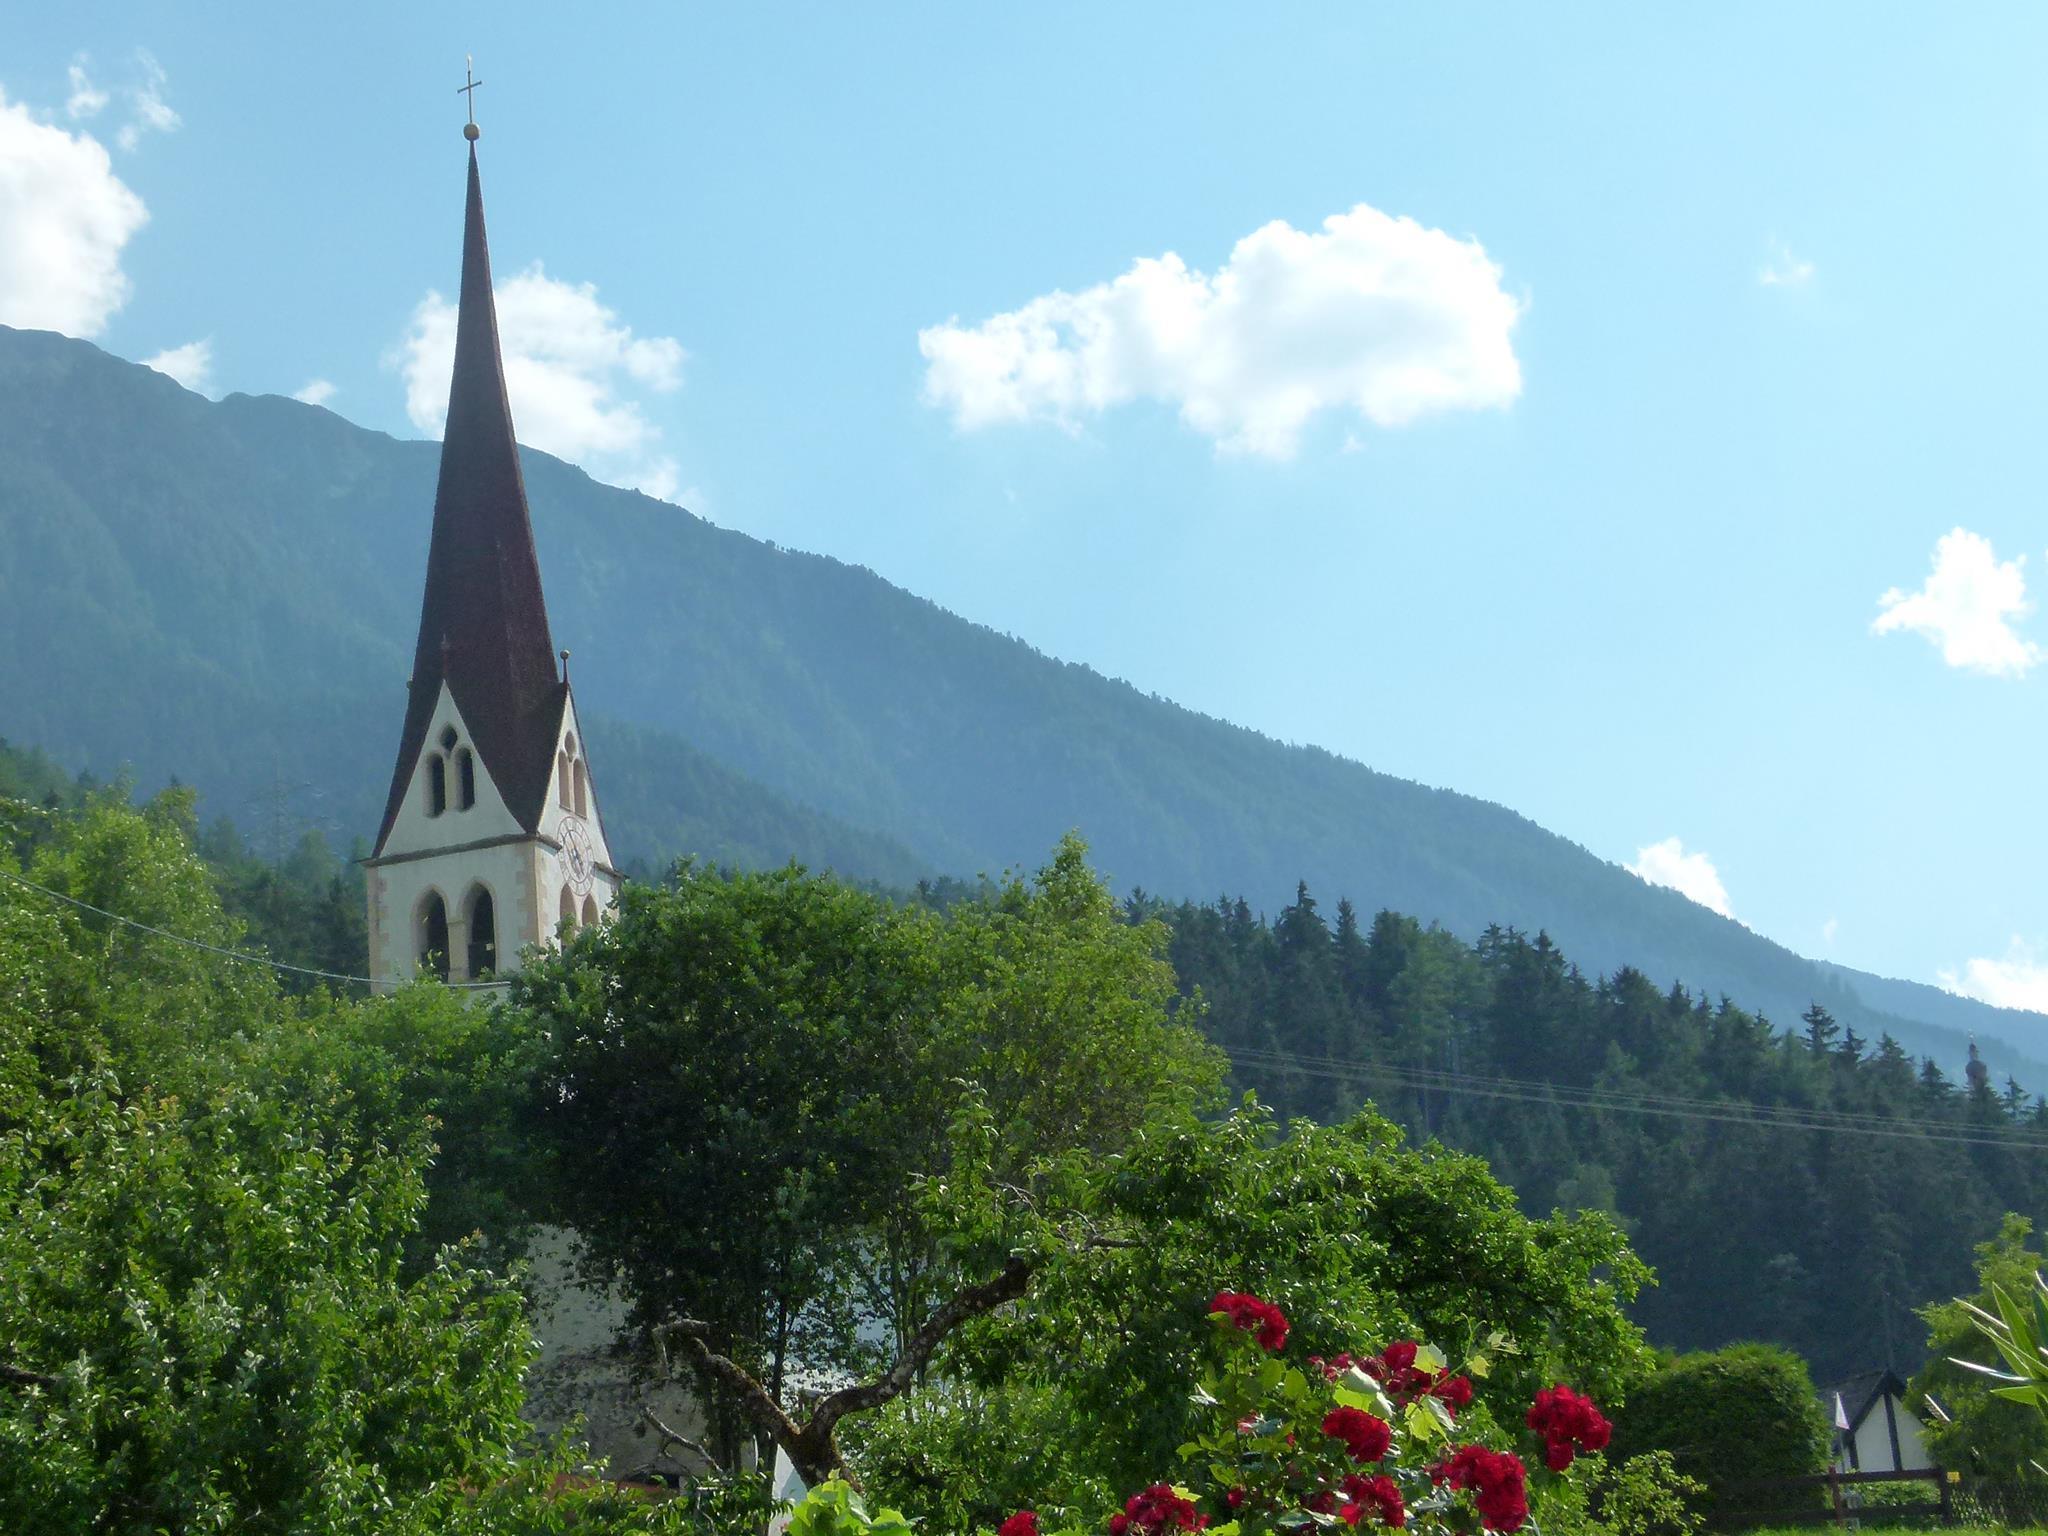 Pfarrkirche St. Valentin